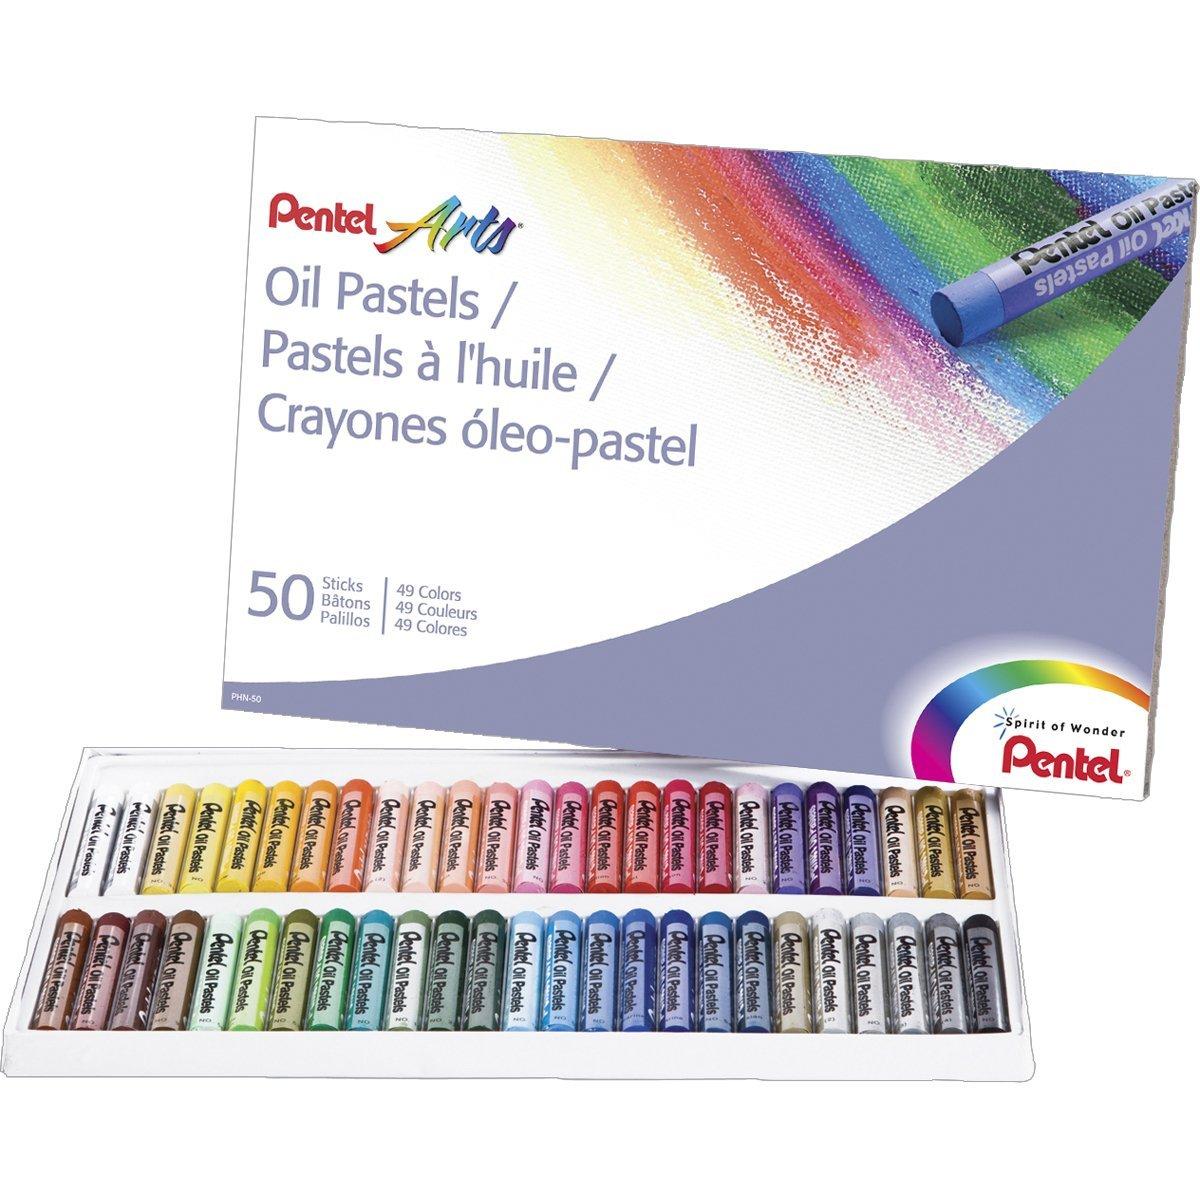 Pentel Arts Oil Pastels 50 Color Set Only 6 69